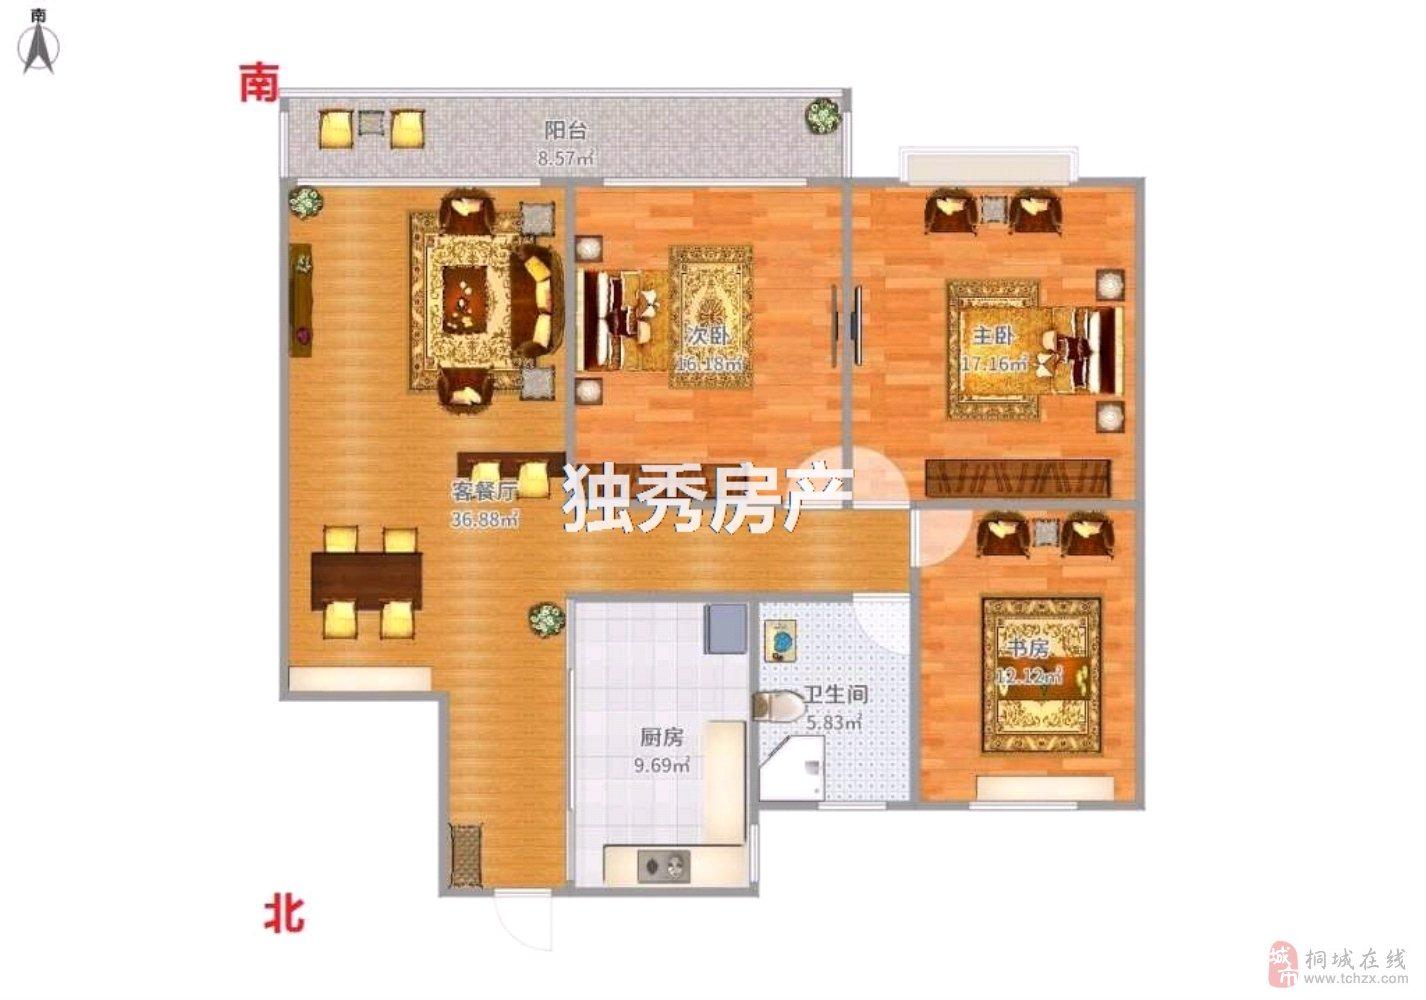 上和家园精装修3室2厅1卫58万元